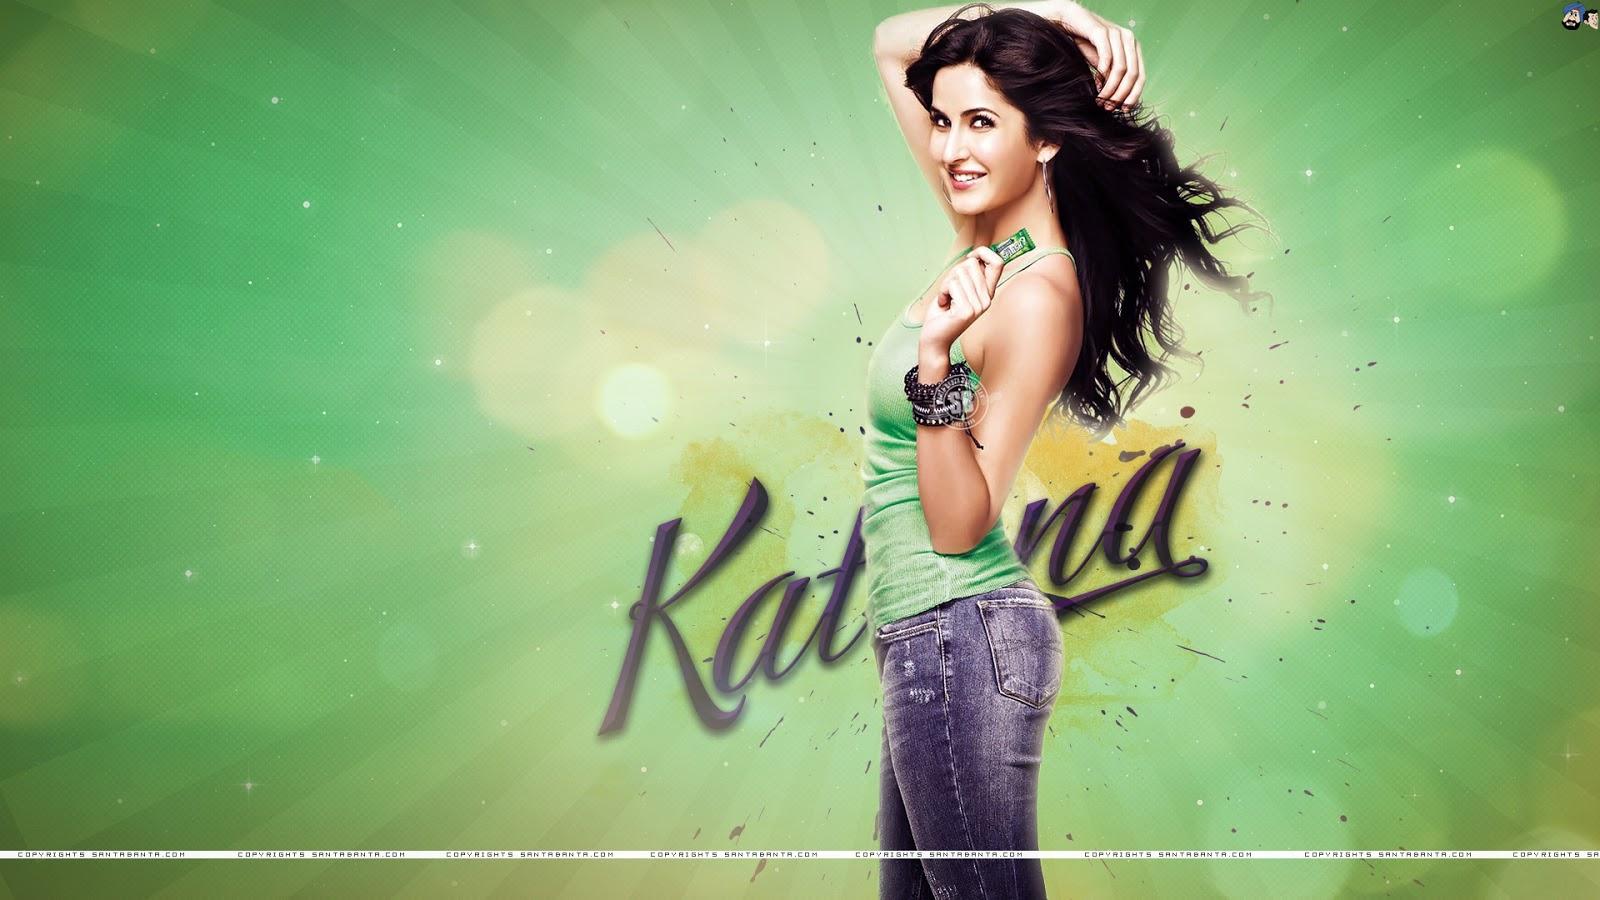 Katrina Kaif Wallpapers December 2012